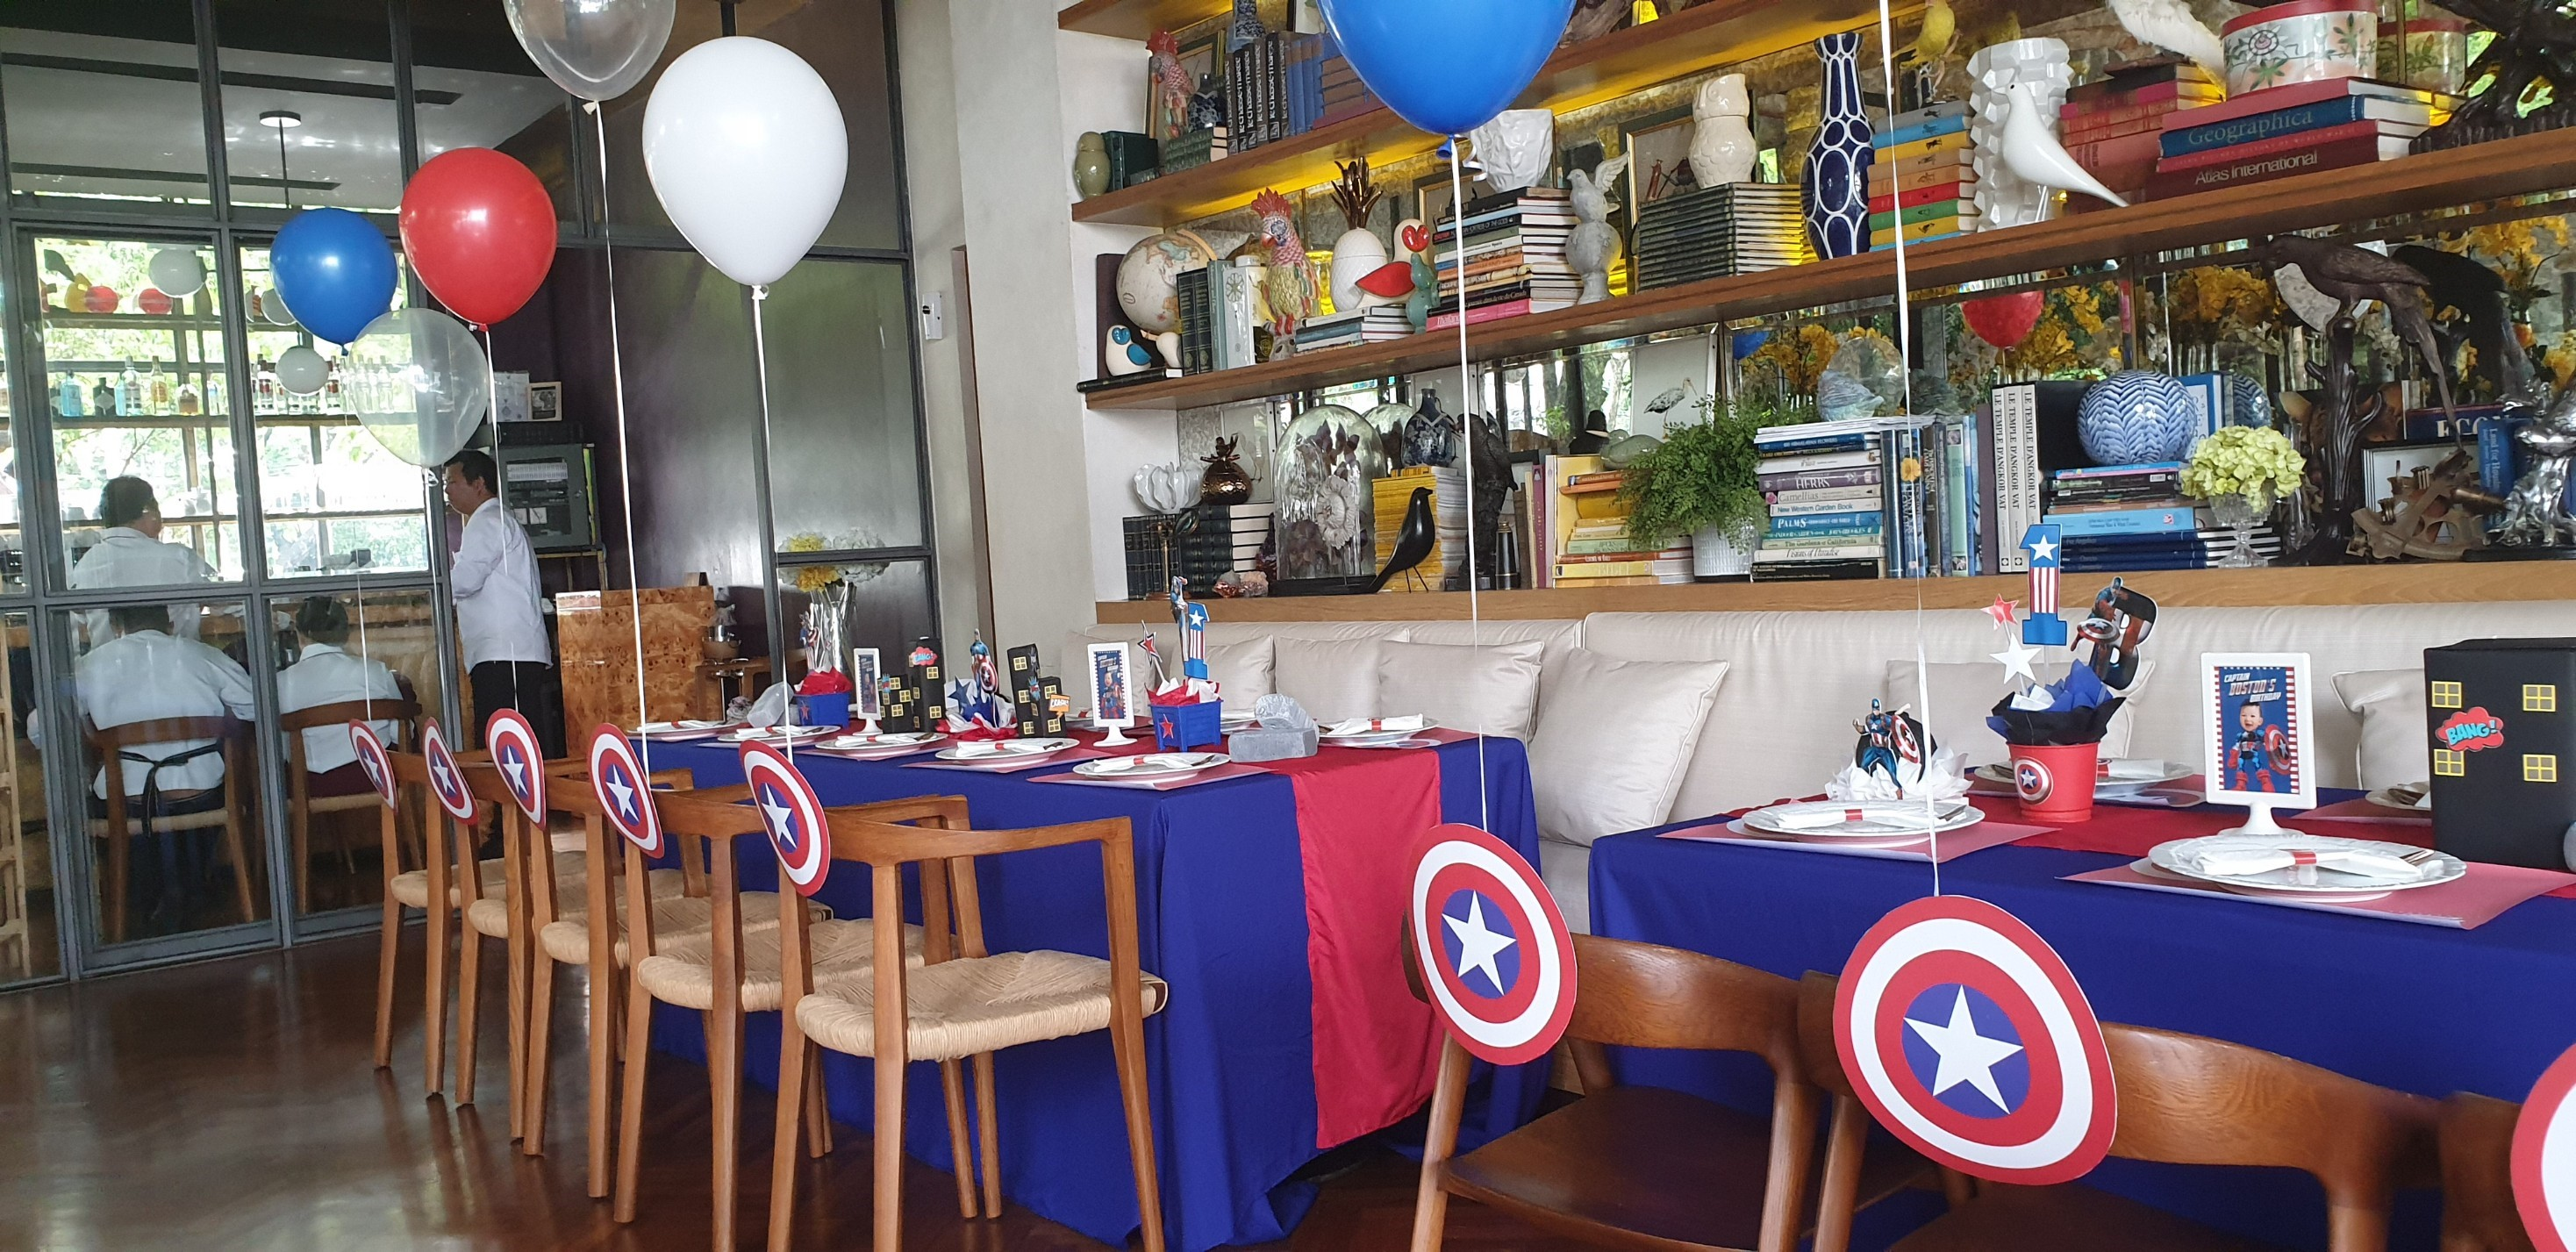 ฉลองวันพิเศษให้ลูกคุณได้เป็นซุปเปอร์ฮีโร่ กับปาร์ตี้วันเกิดธีม